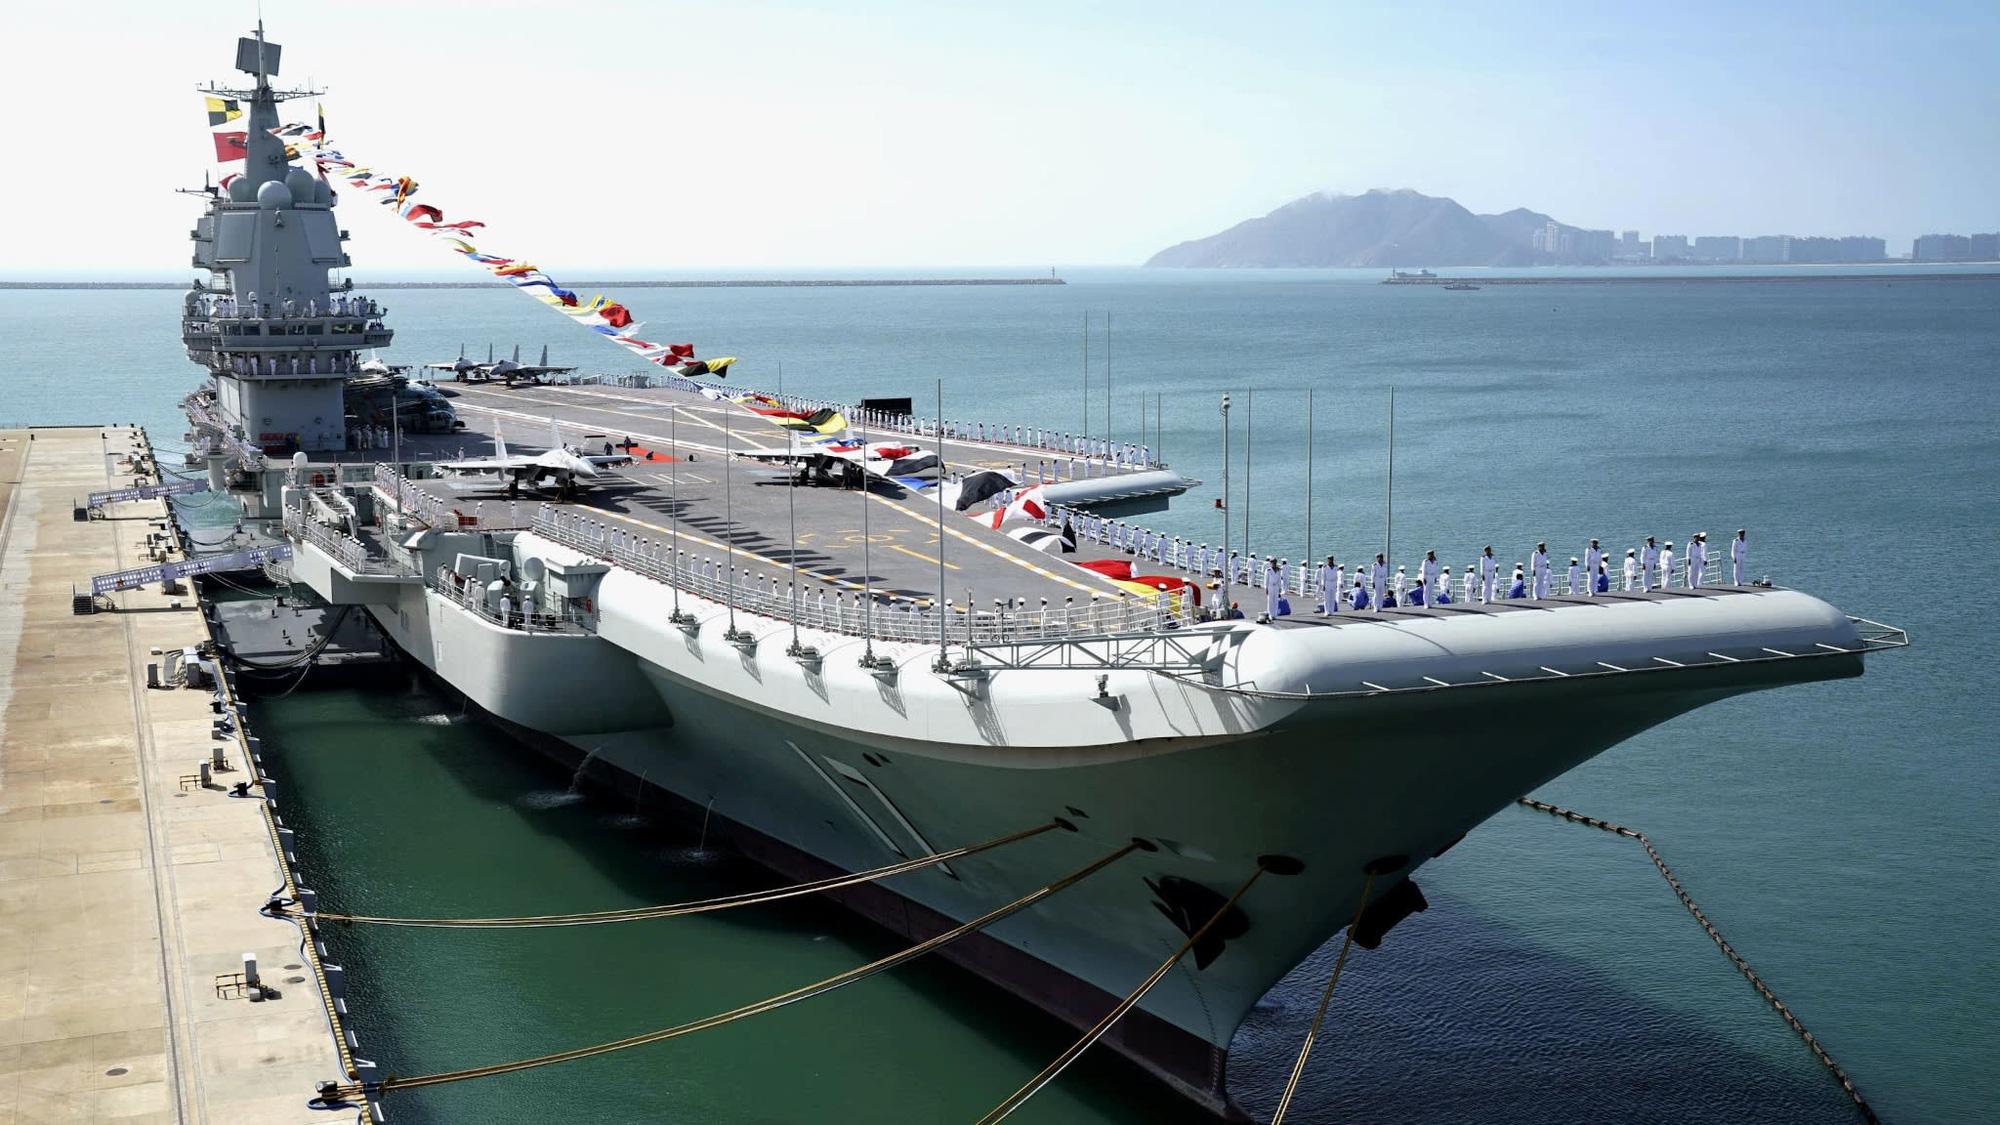 Hầu hết doanh nghiệp lọt danh sách đen của Mỹ đều làm việc cho quân đội Trung Quốc - Ảnh 1.